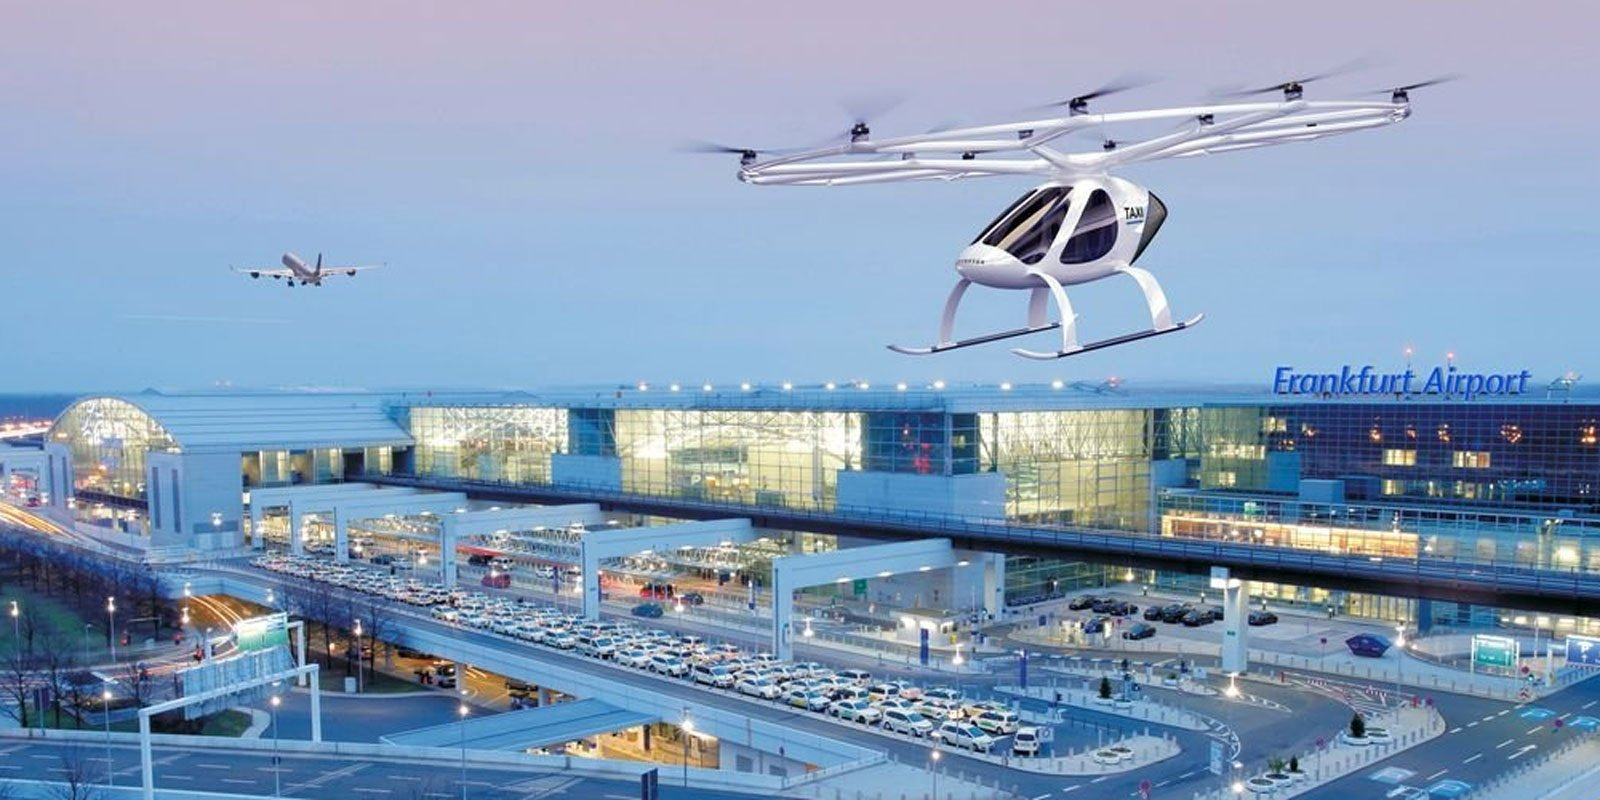 volocopter-fraport-frankfurt-flughafen-airport-vtol